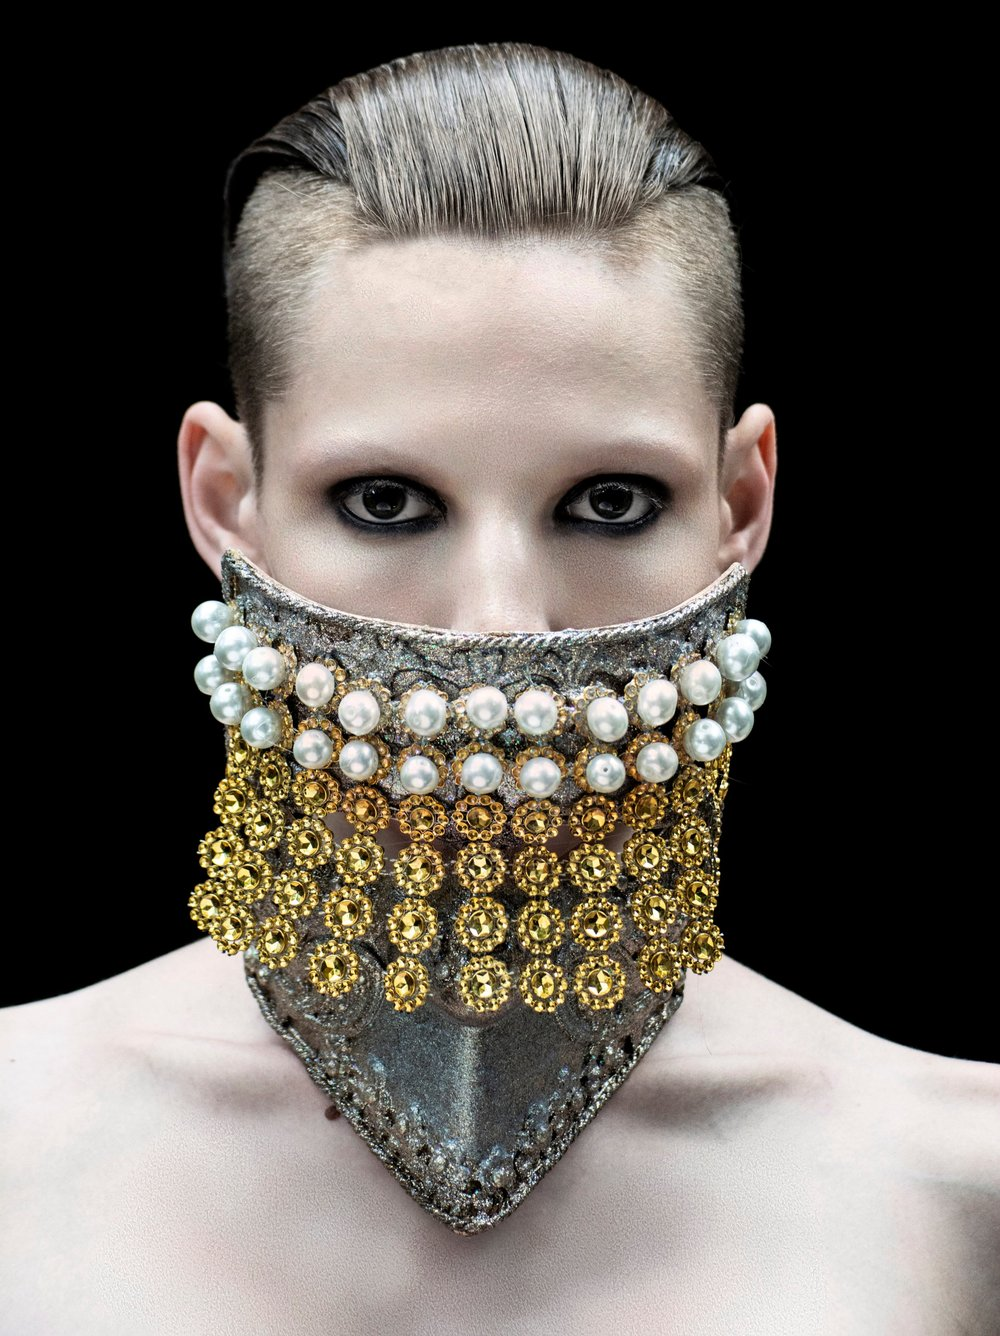 Wearable Art by Mugshott Cheryl